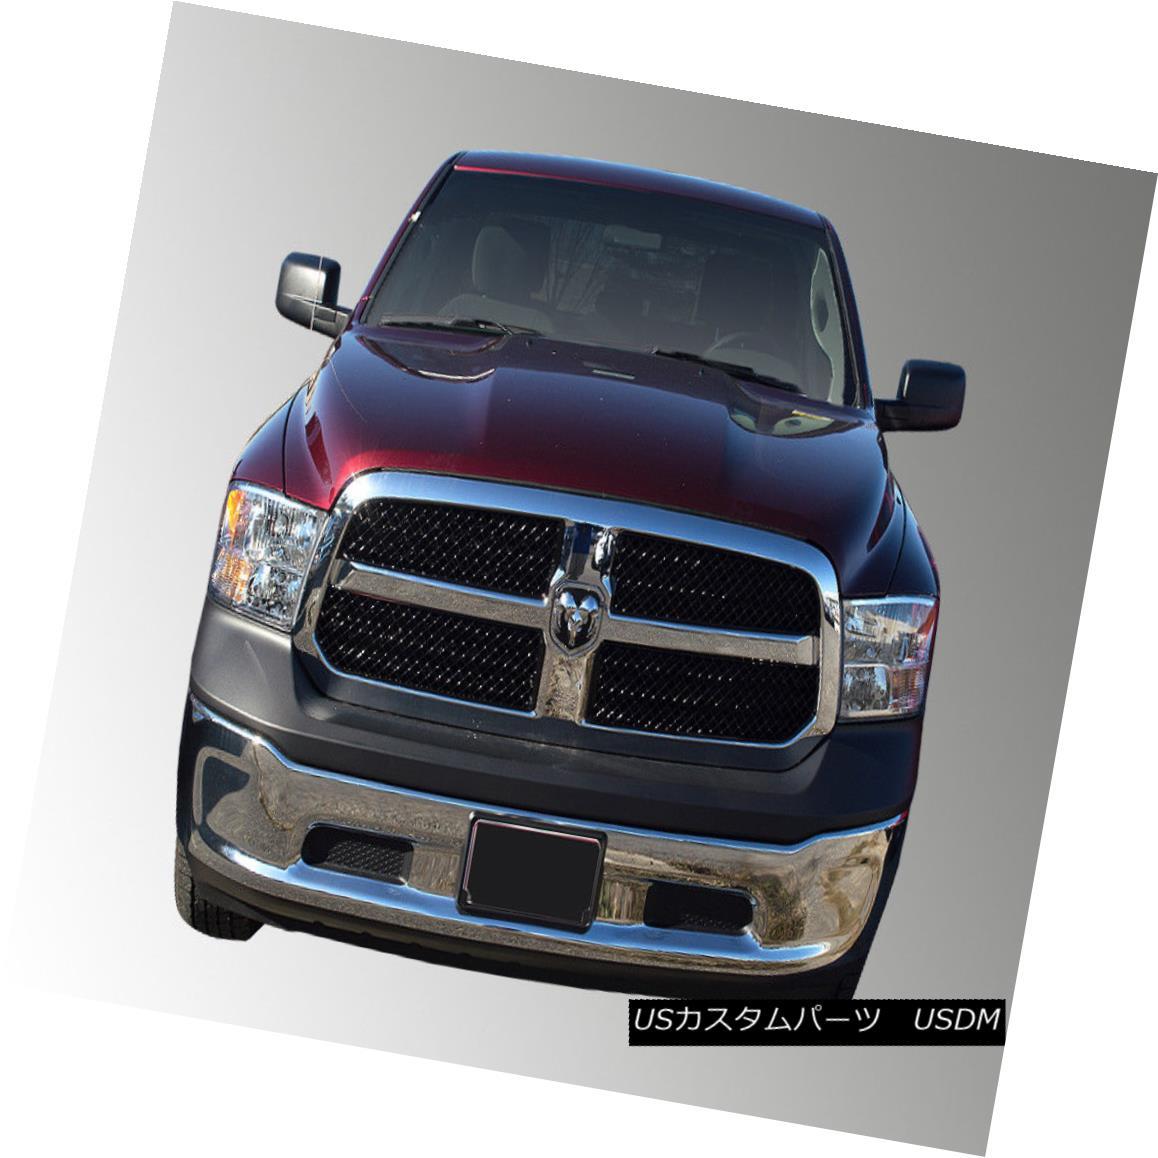 グリル ABS6429B SES Trims - 4-Pc Gloss Black Mesh Main Grille fits 13-18 Ram ABS6429B SESトリム - 4-Pcグロスブラックメッシュメイングリルは13-18ラムに適合